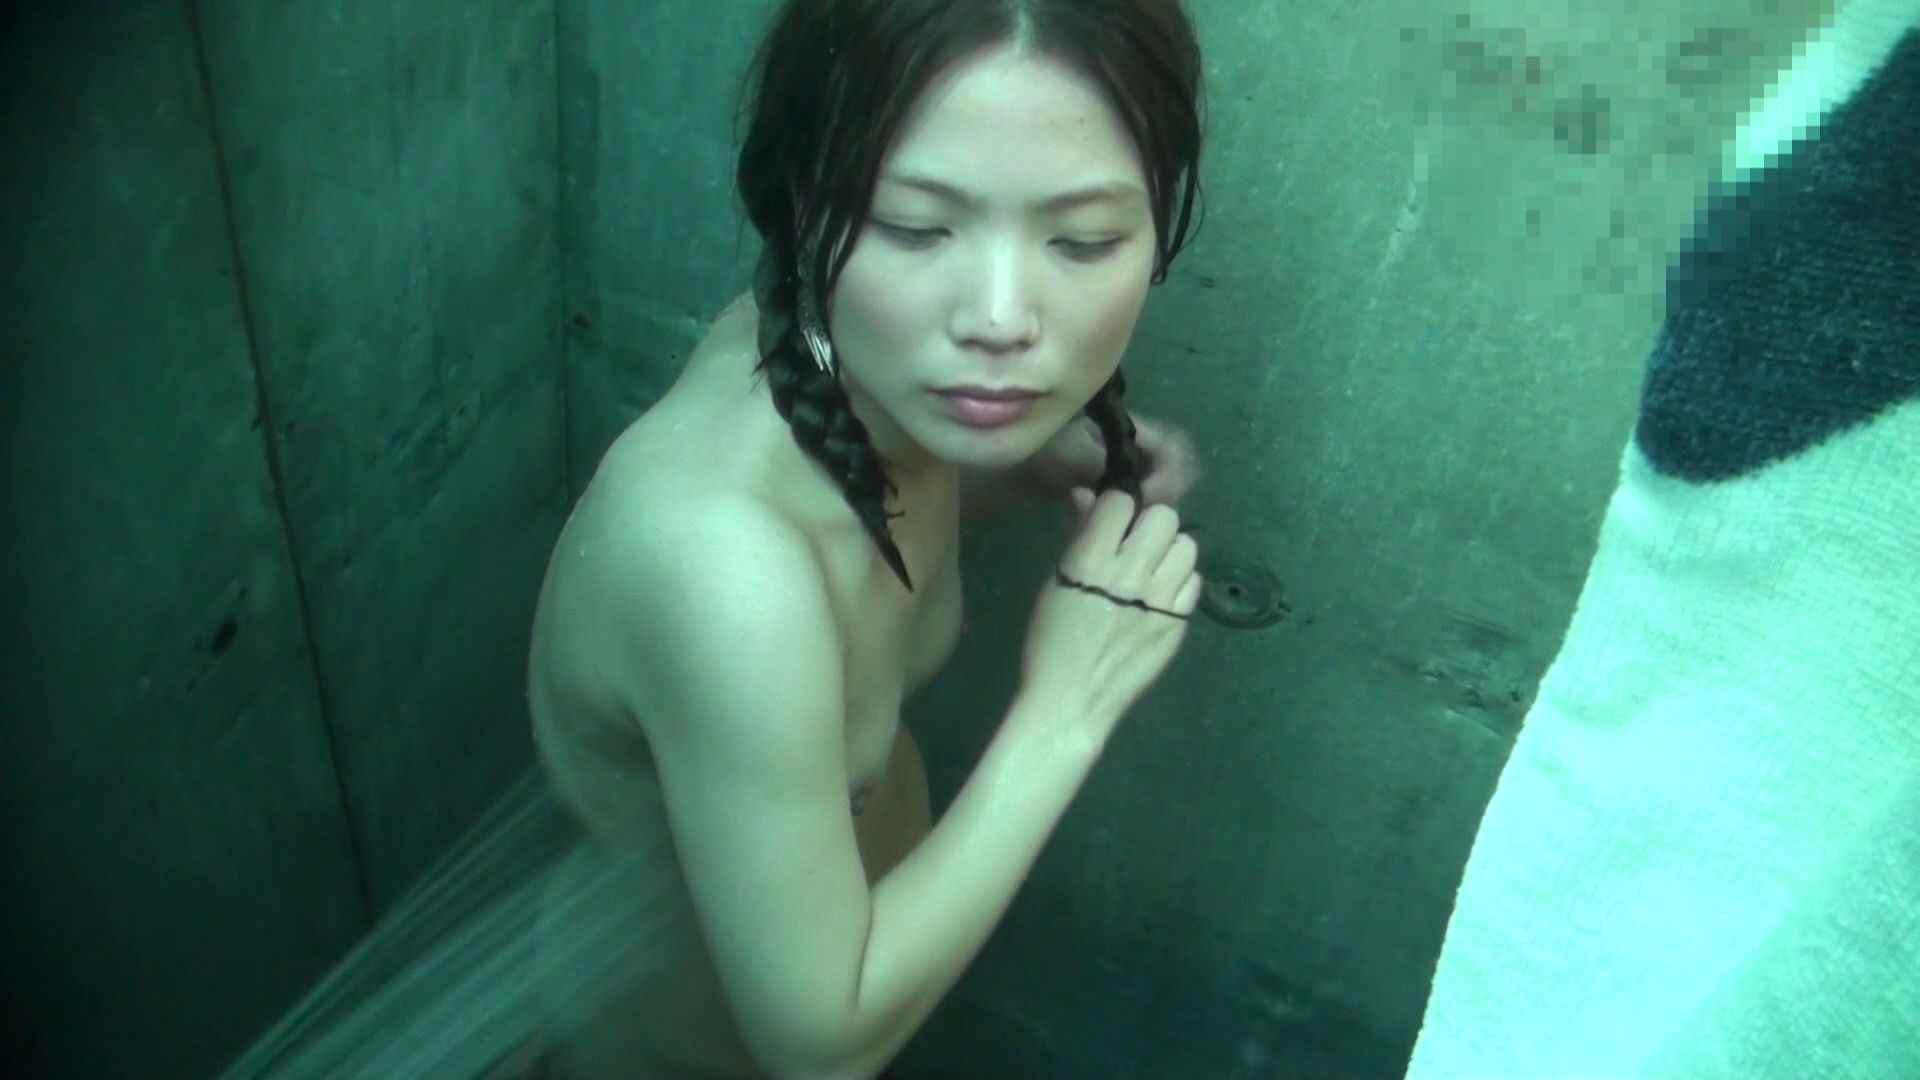 シャワールームは超!!危険な香りVol.12 女性のおまんこには予想外の砂が混入しているようです。 おまんこ | シャワー  101pic 57